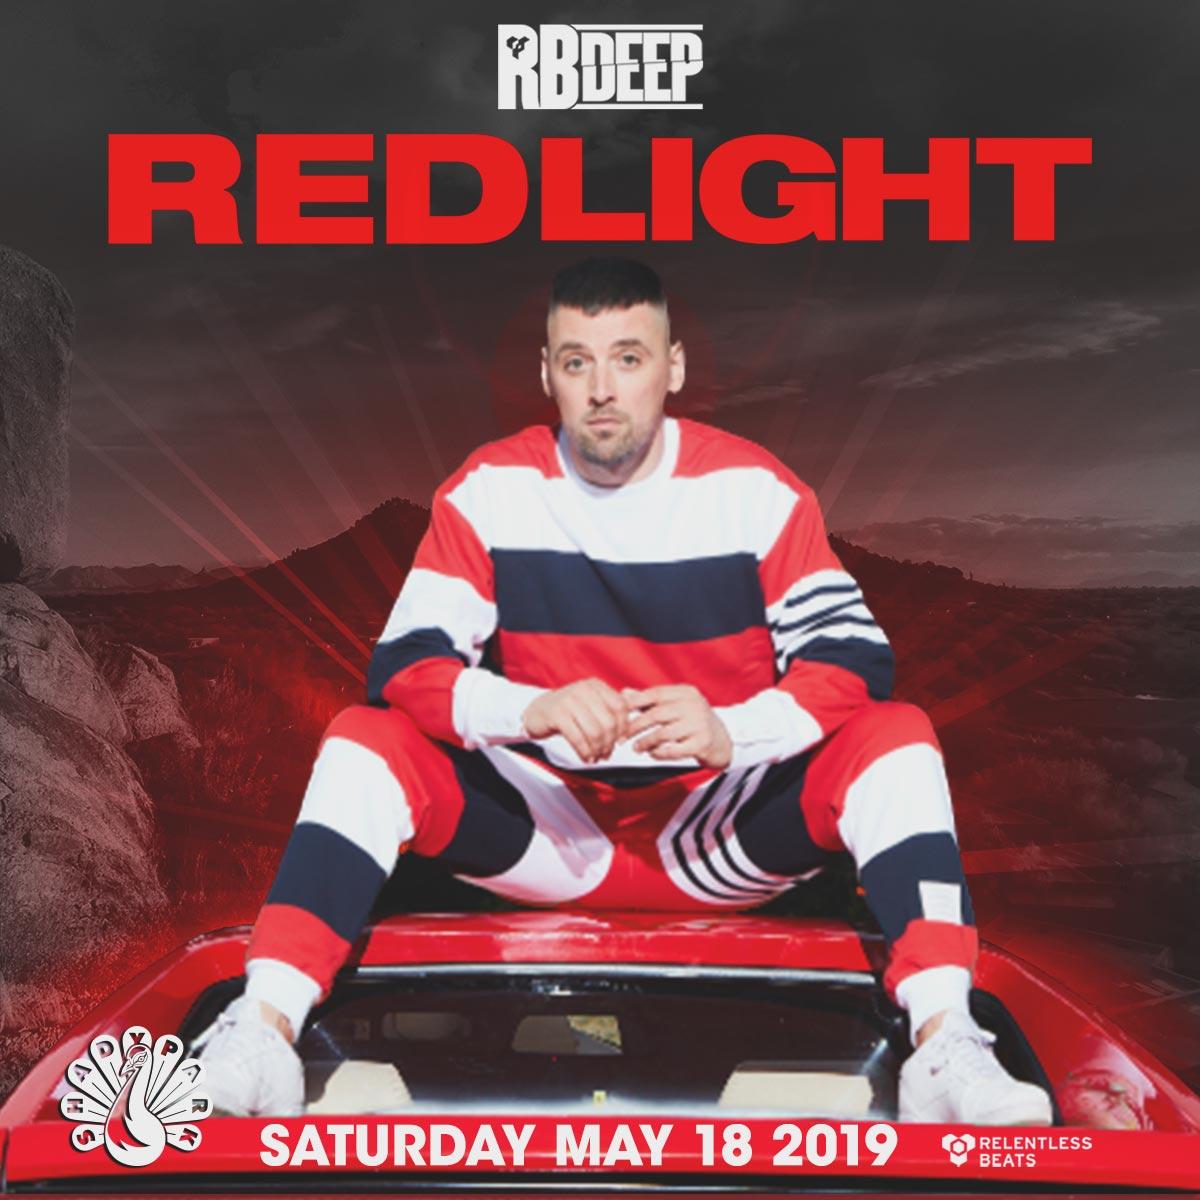 Flyer for Redlight